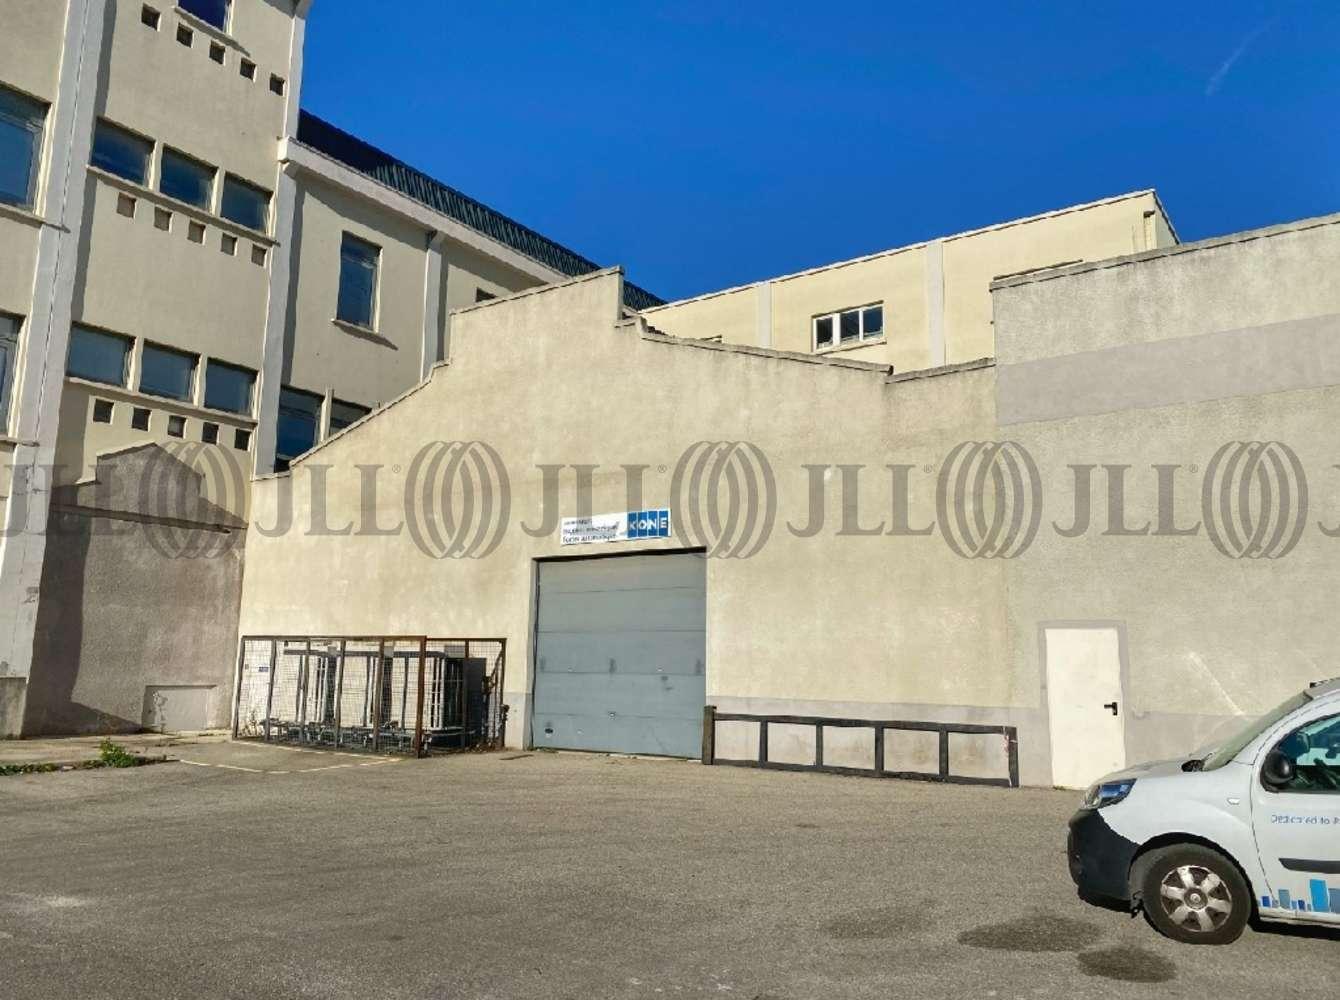 Activités/entrepôt Marseille, 13013 - LOCATION ENTREPOT MARSEILLE (13)